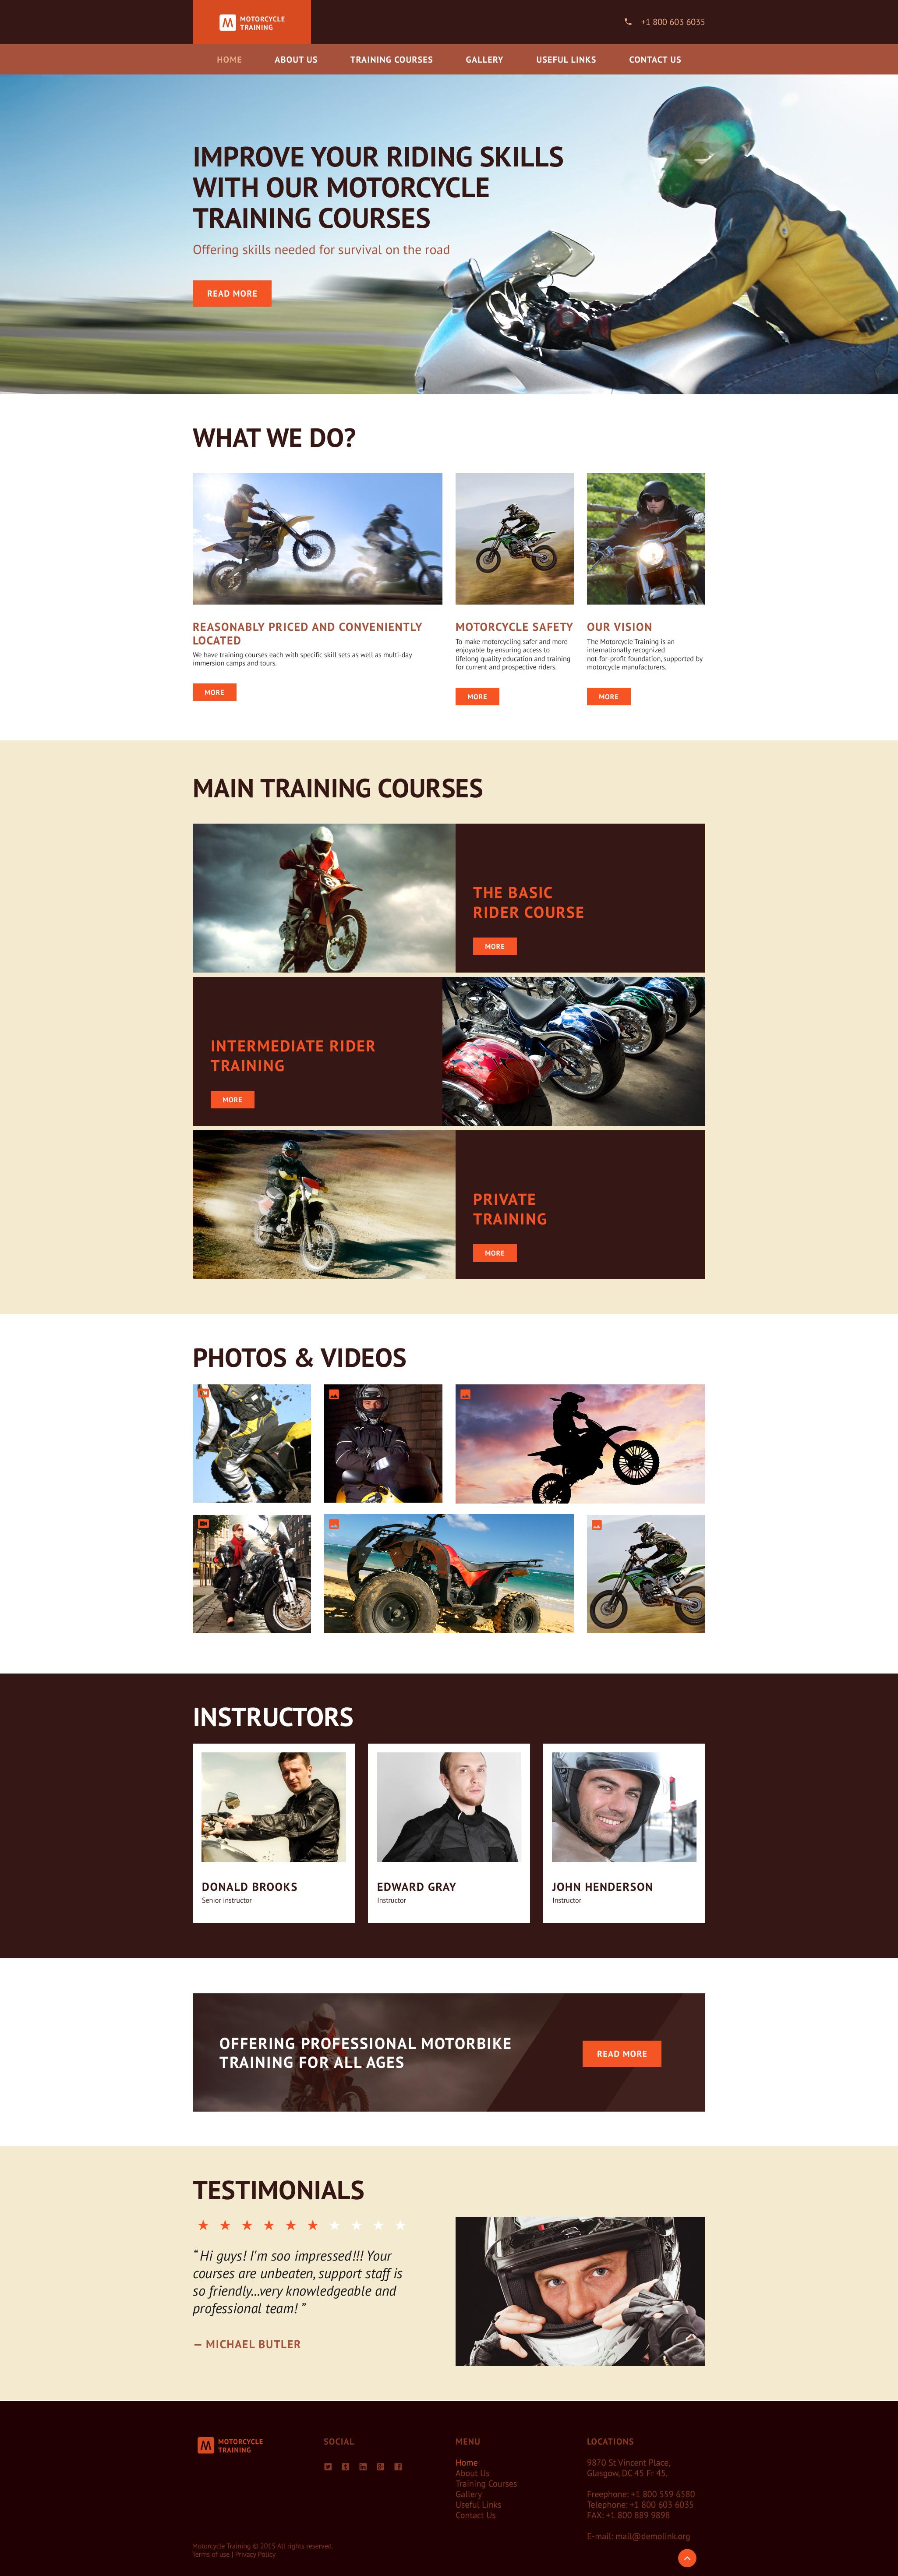 Reszponzív Motorcycle Training Weboldal sablon 55948 - képernyőkép